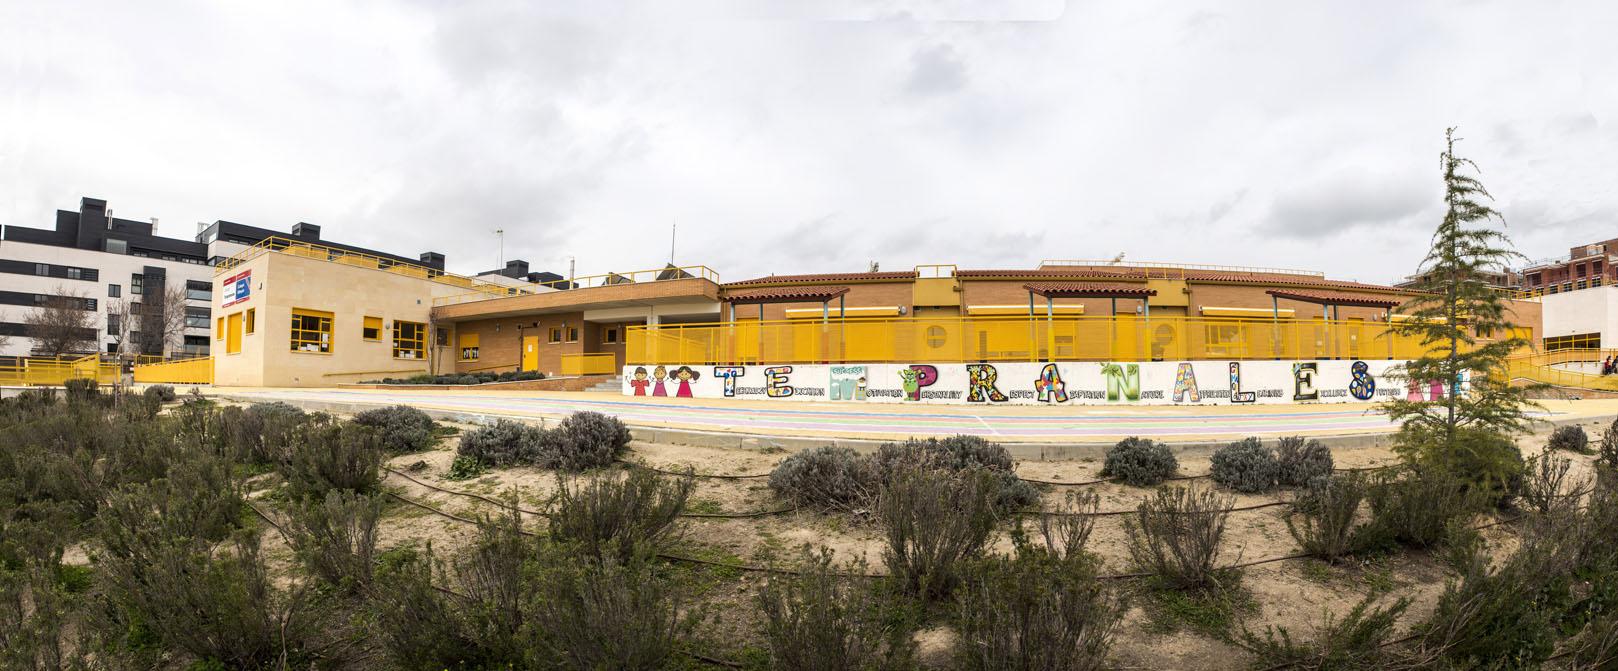 http://www.colegiotempranales.com/images/tempranales/centro/galeria/EdificioInfantil.jpg